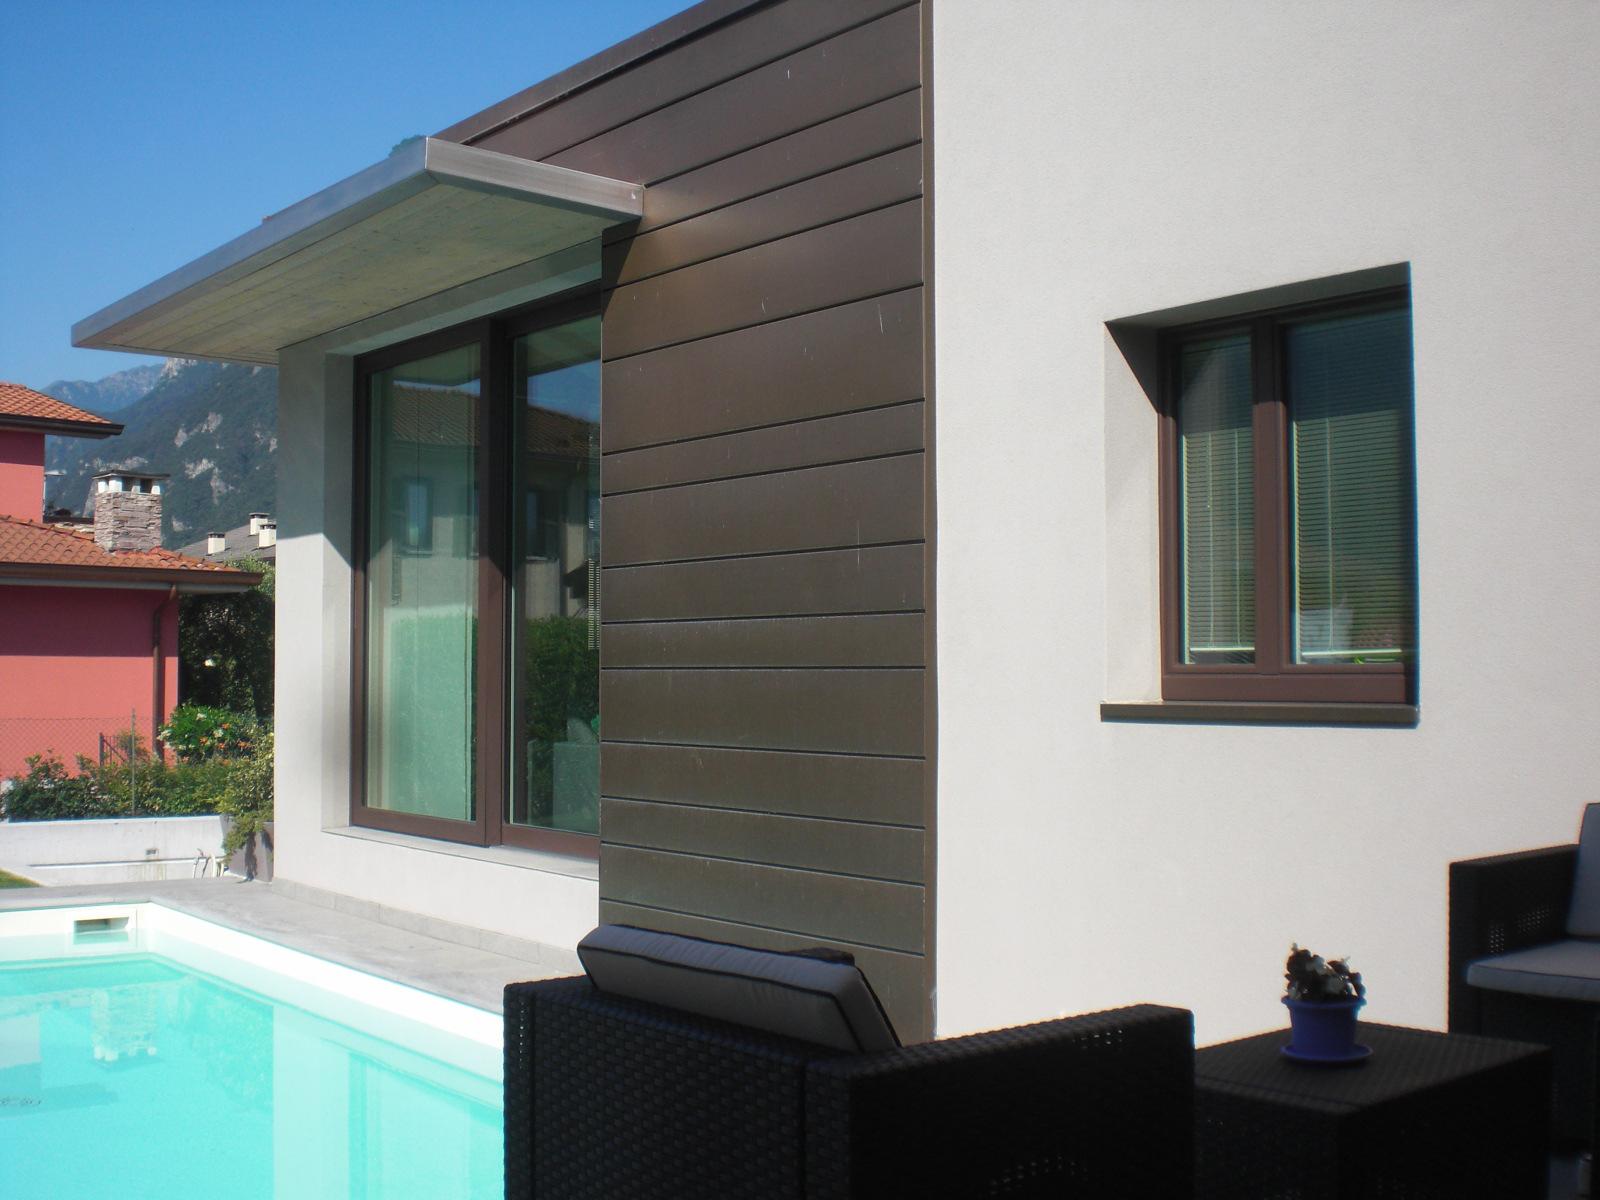 Studio-di-architettura-Baisotti-Sigala-prgetti75